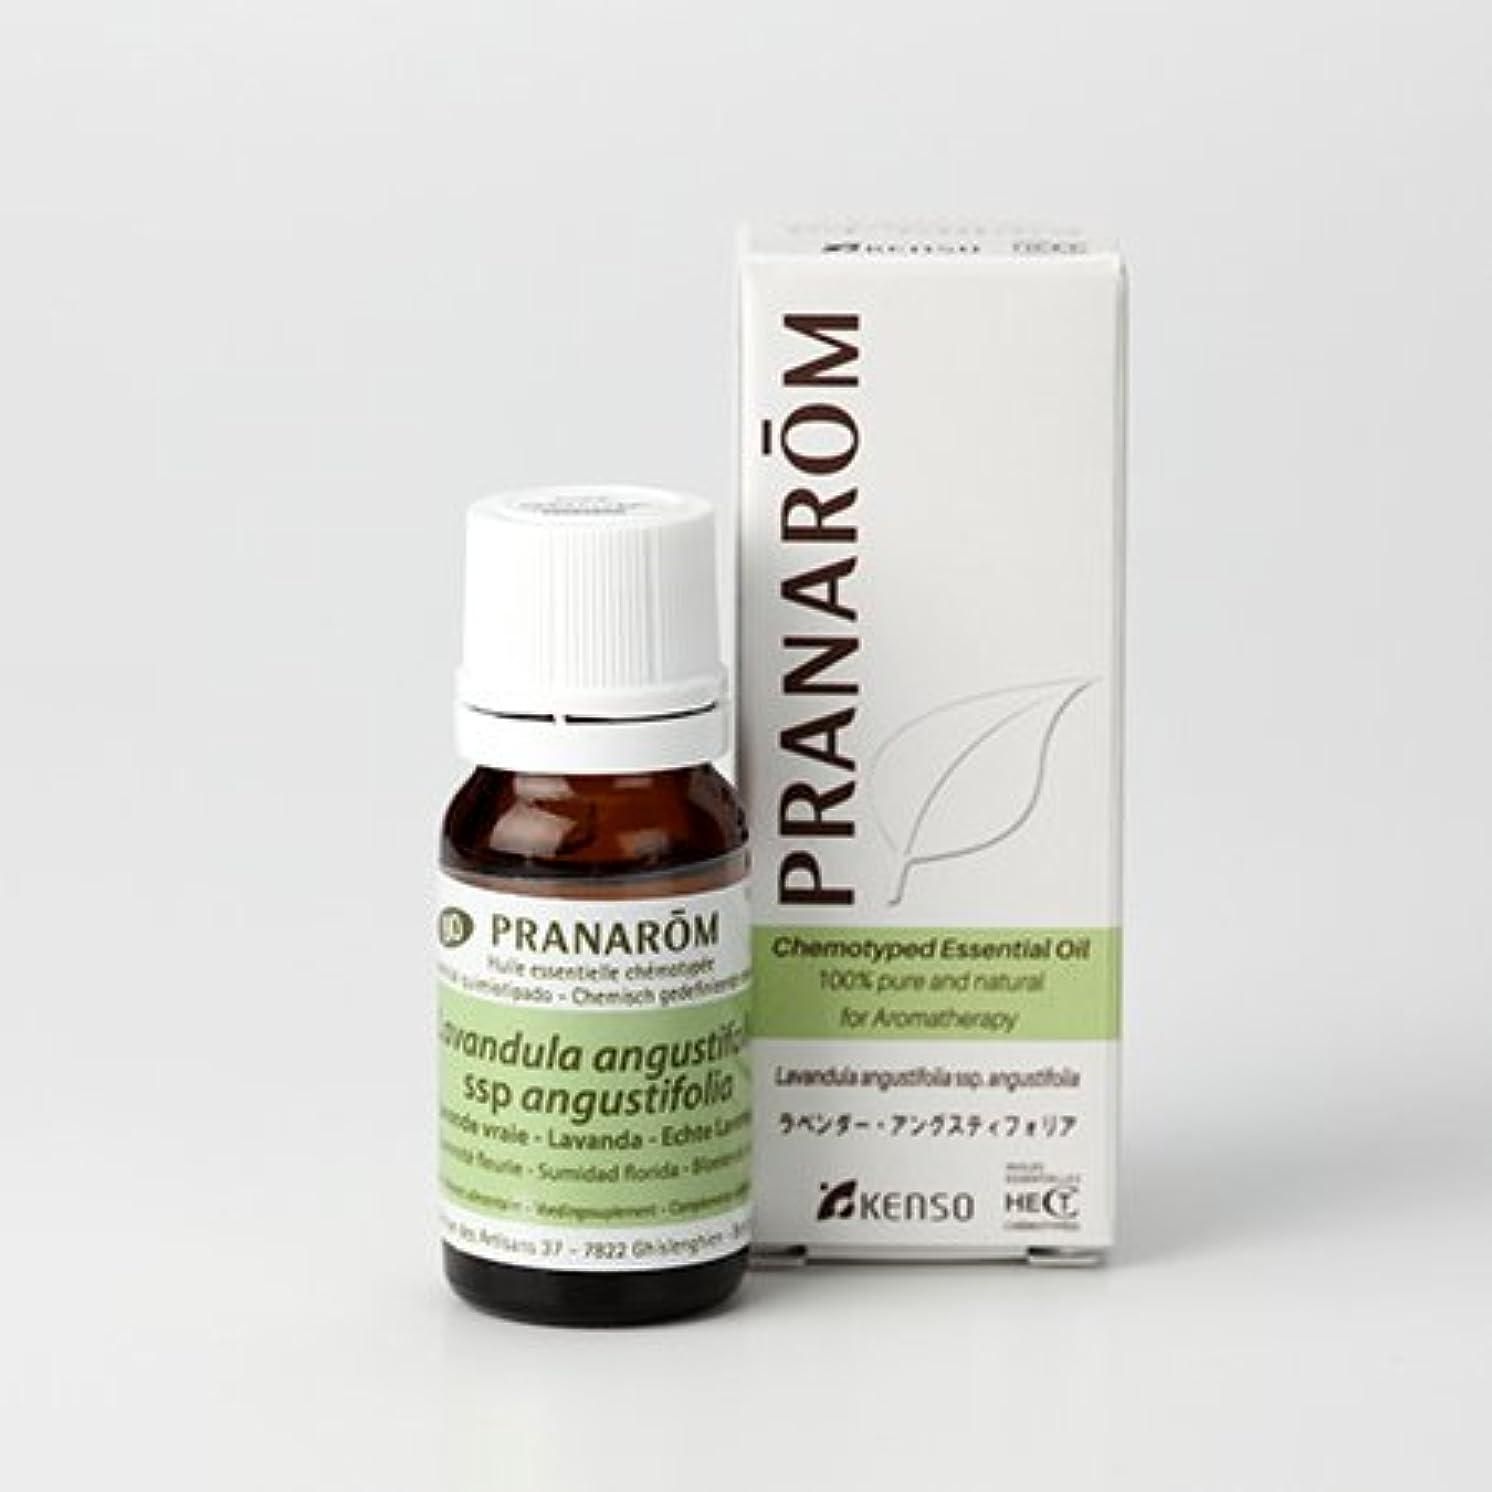 開拓者メルボルン炭水化物プラナロム精油(P-098 ラベンダーアングスティフォリア?10ml)